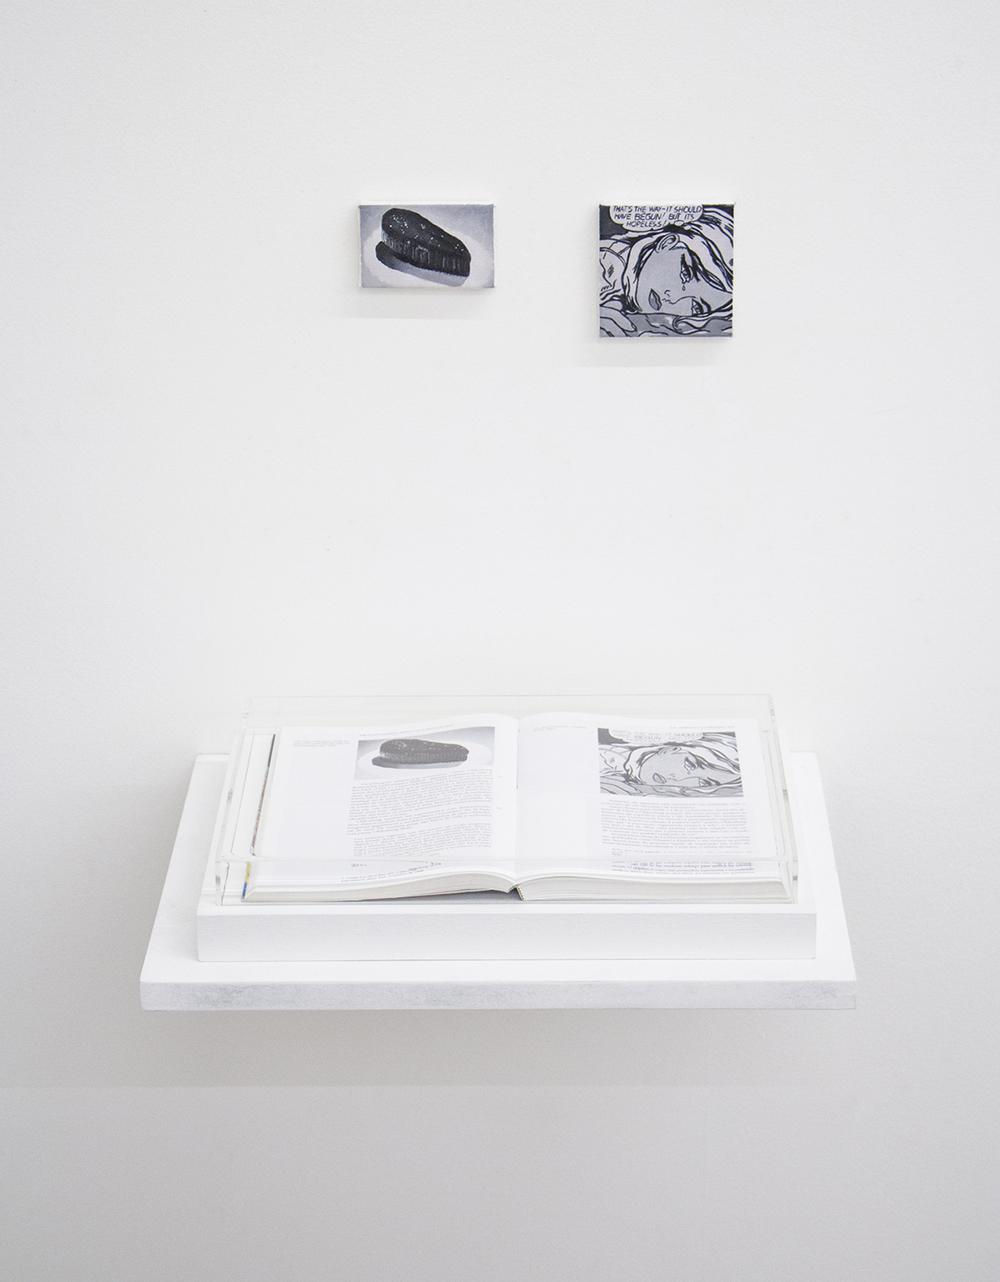 Páginas 116 e 117 (série Foi Assim Que Me Ensinaram) •2014 •Livro emoldurado, óleo sobre tela •21,5 x 31 cm (livro), 8,4 x 5,3 cm, 8,5 x 8,6 cm